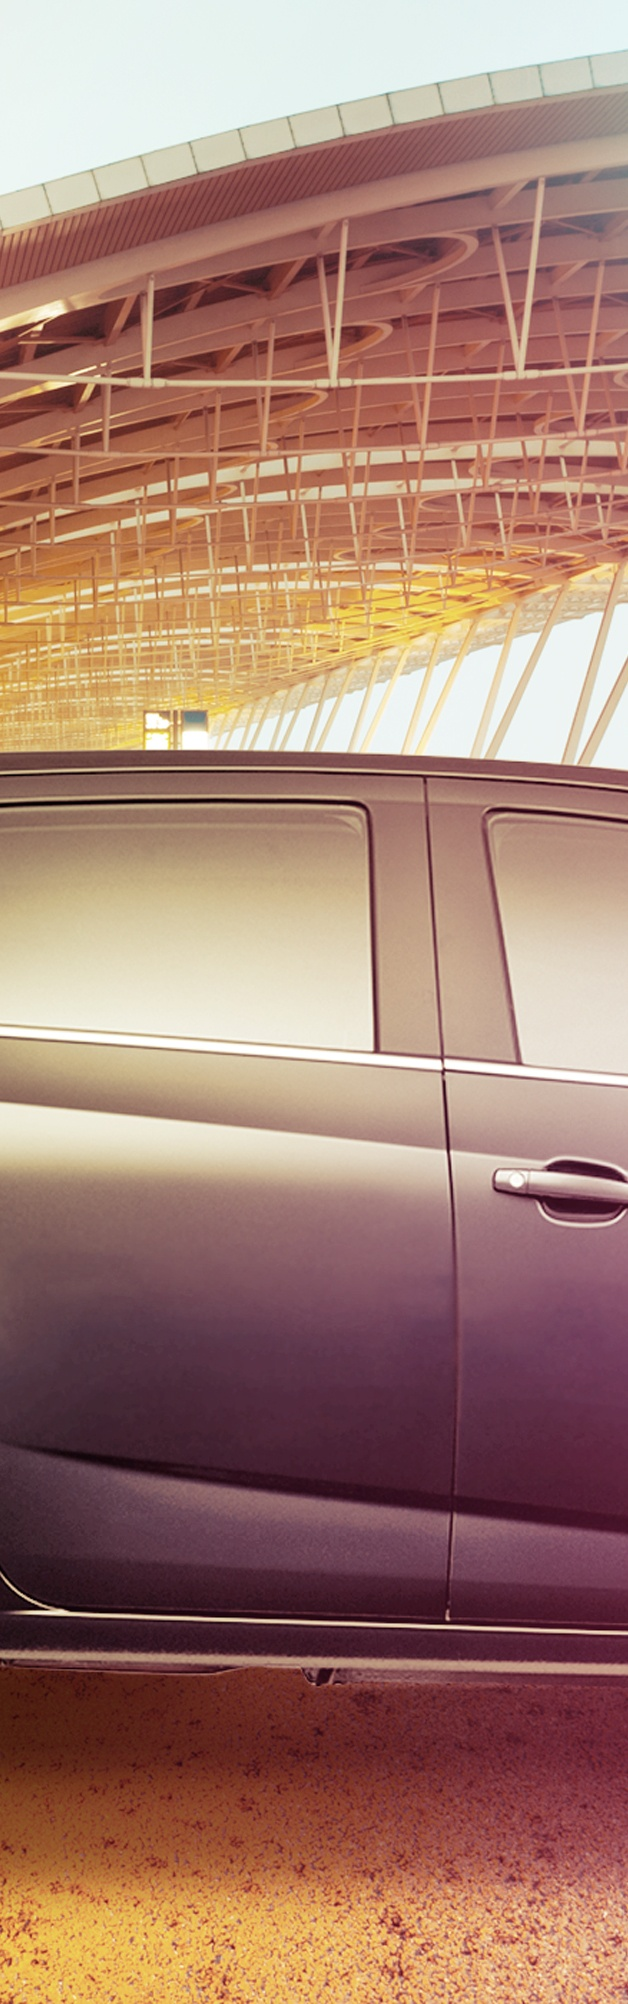 Foto 2. Completa la imagen y descubre más formas de vivir la aventura. #ChevroletSonicLlego